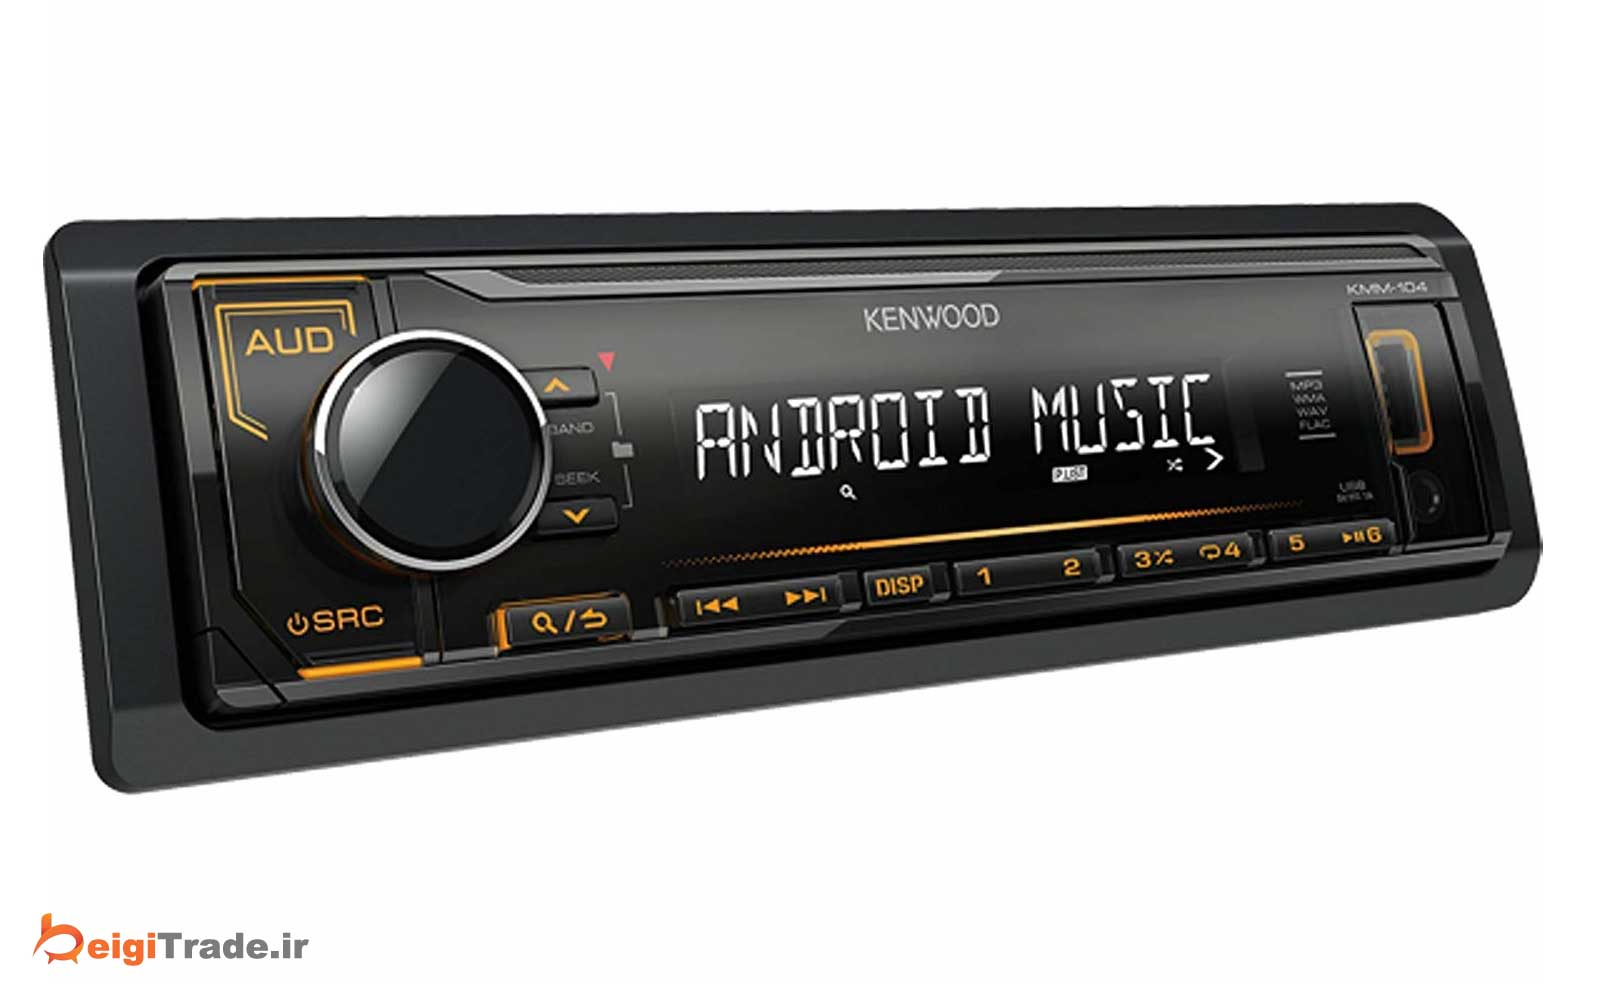 رادیو پخش خودرو کنوود مدل KMM-104